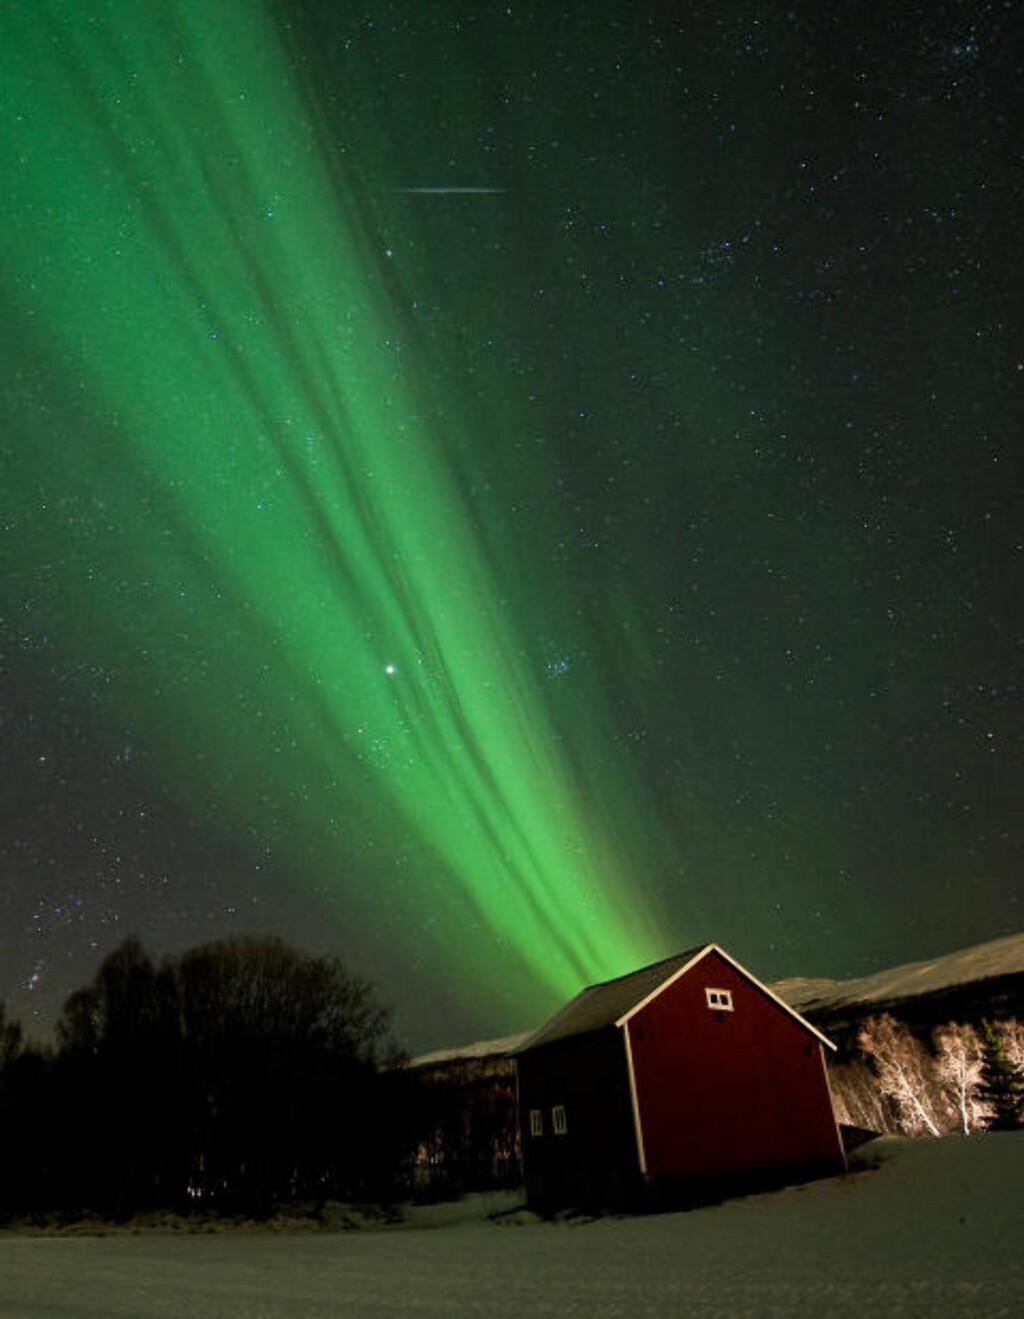 STJERNEKLART: Over huset kan du også se Jupiter, som er uvanlig lyssterk i disse dager. Foto: Fredrik Broms